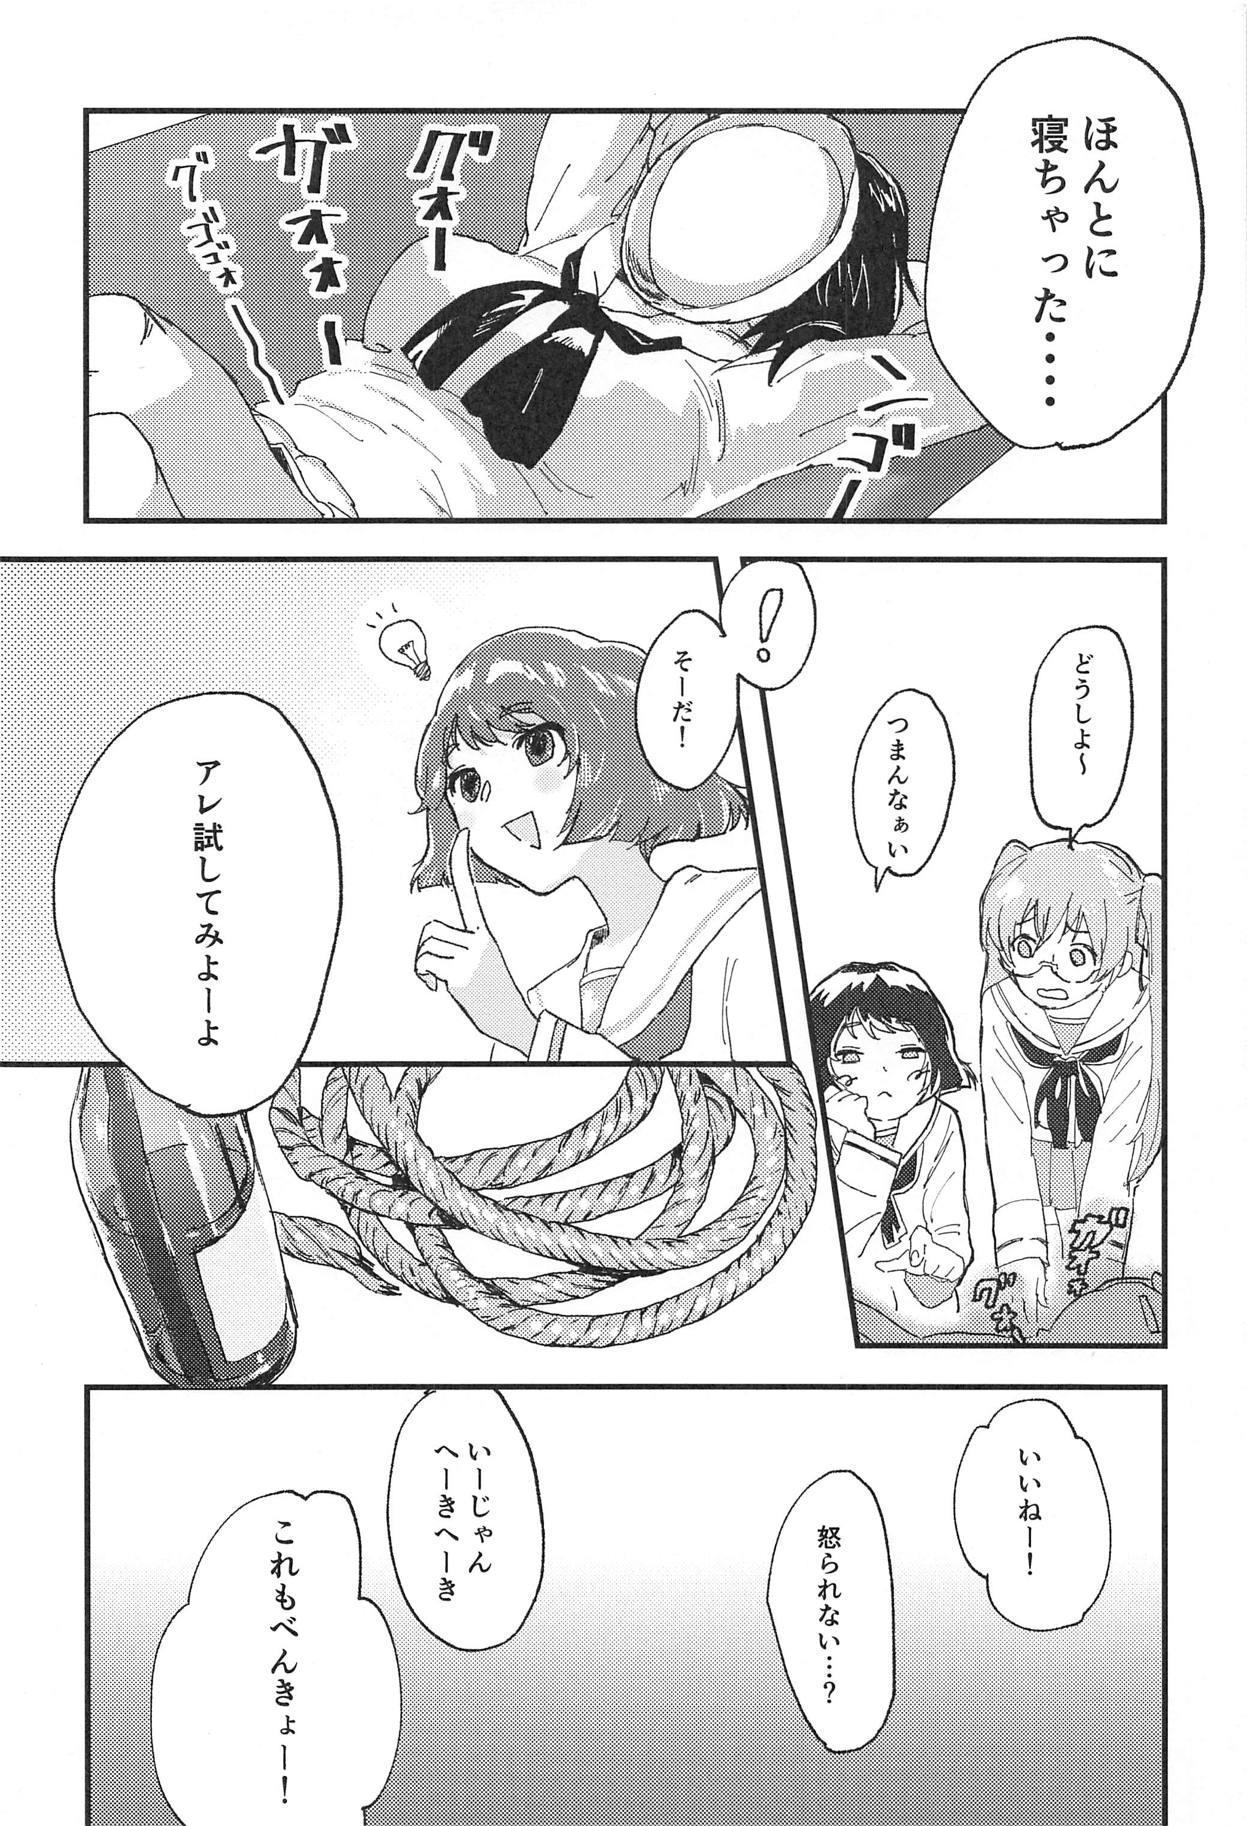 Murakami-san ga Ii You ni Sareru Hon 4